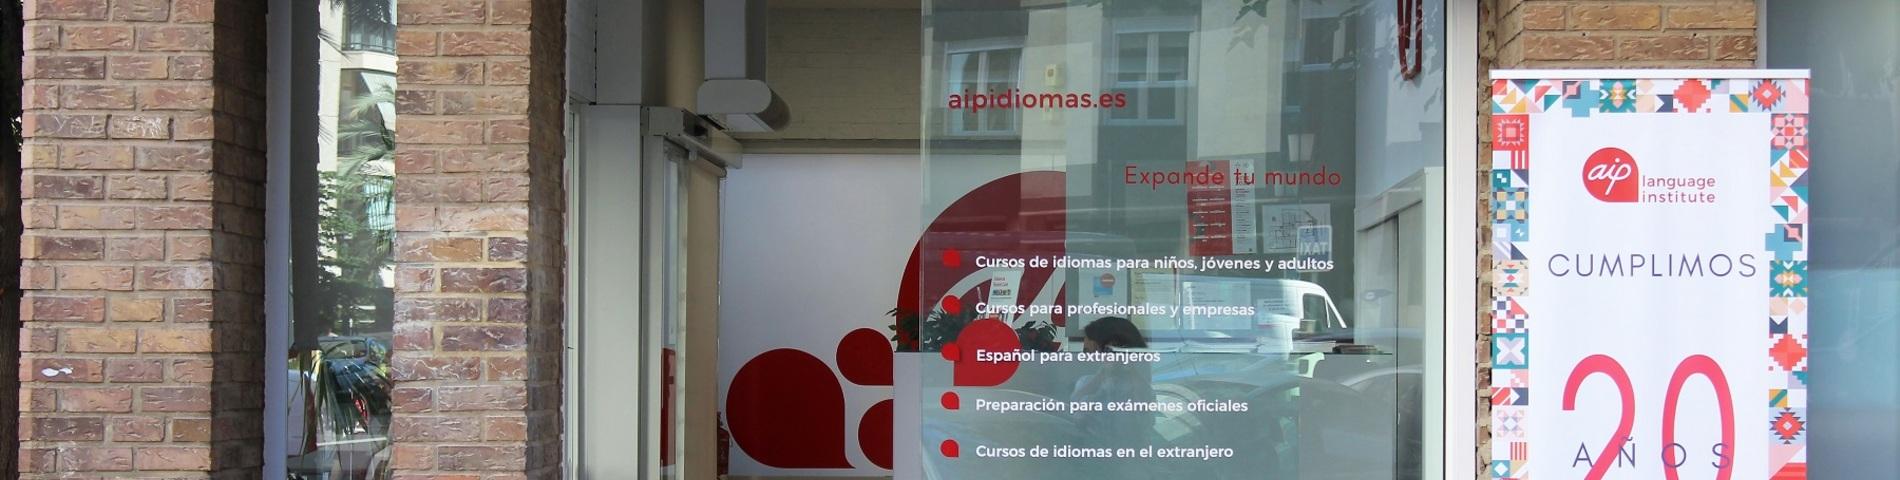 AIP Language Institute صورة 1